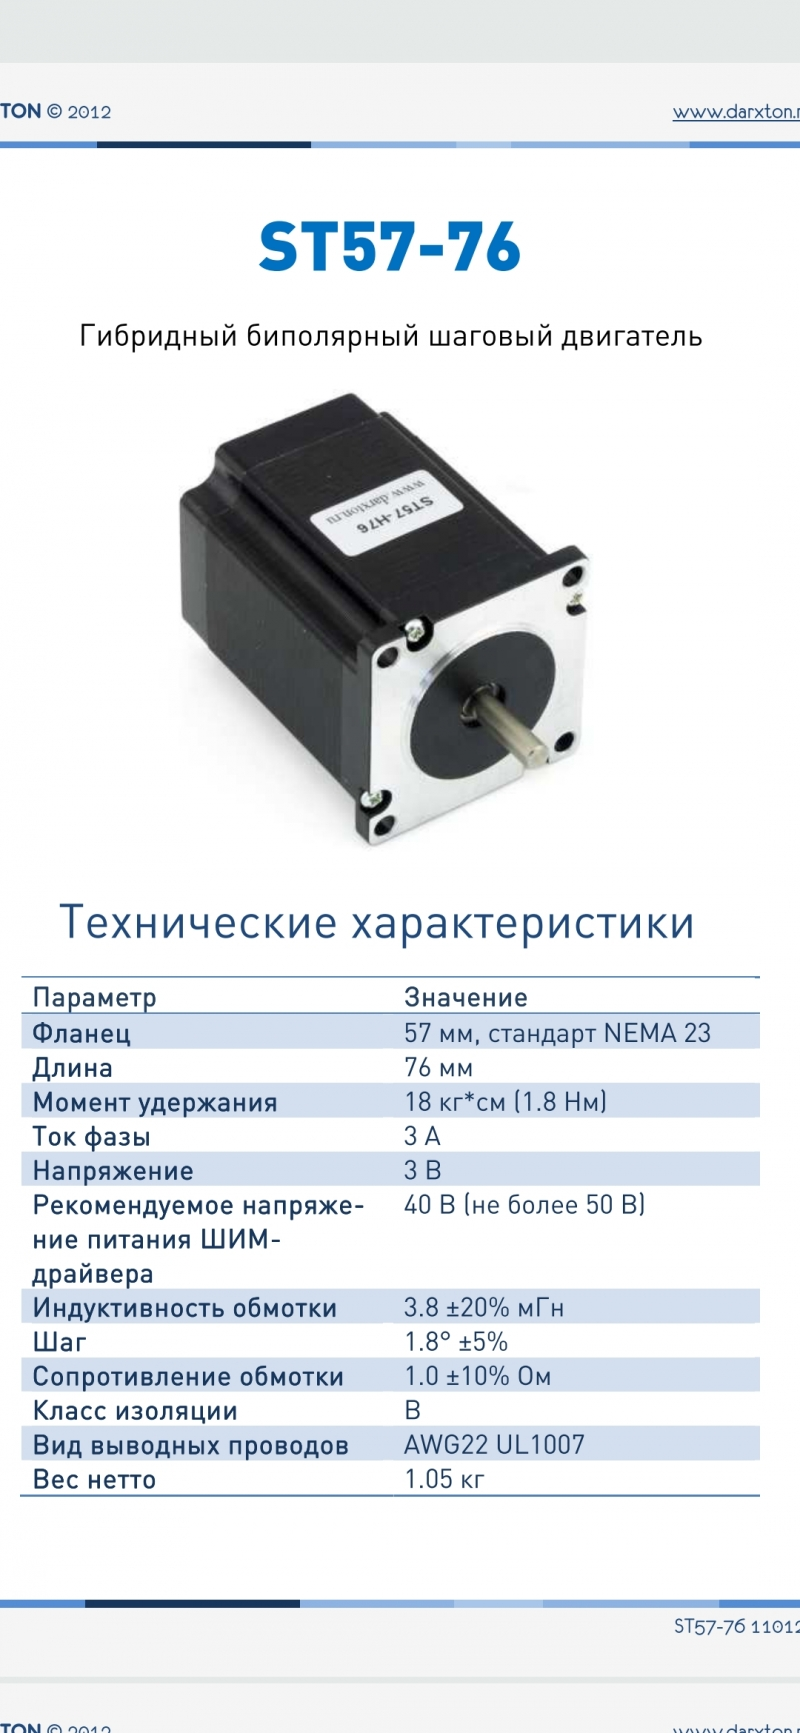 Шаговый двигатель 57мм 40В 3А NEMA23